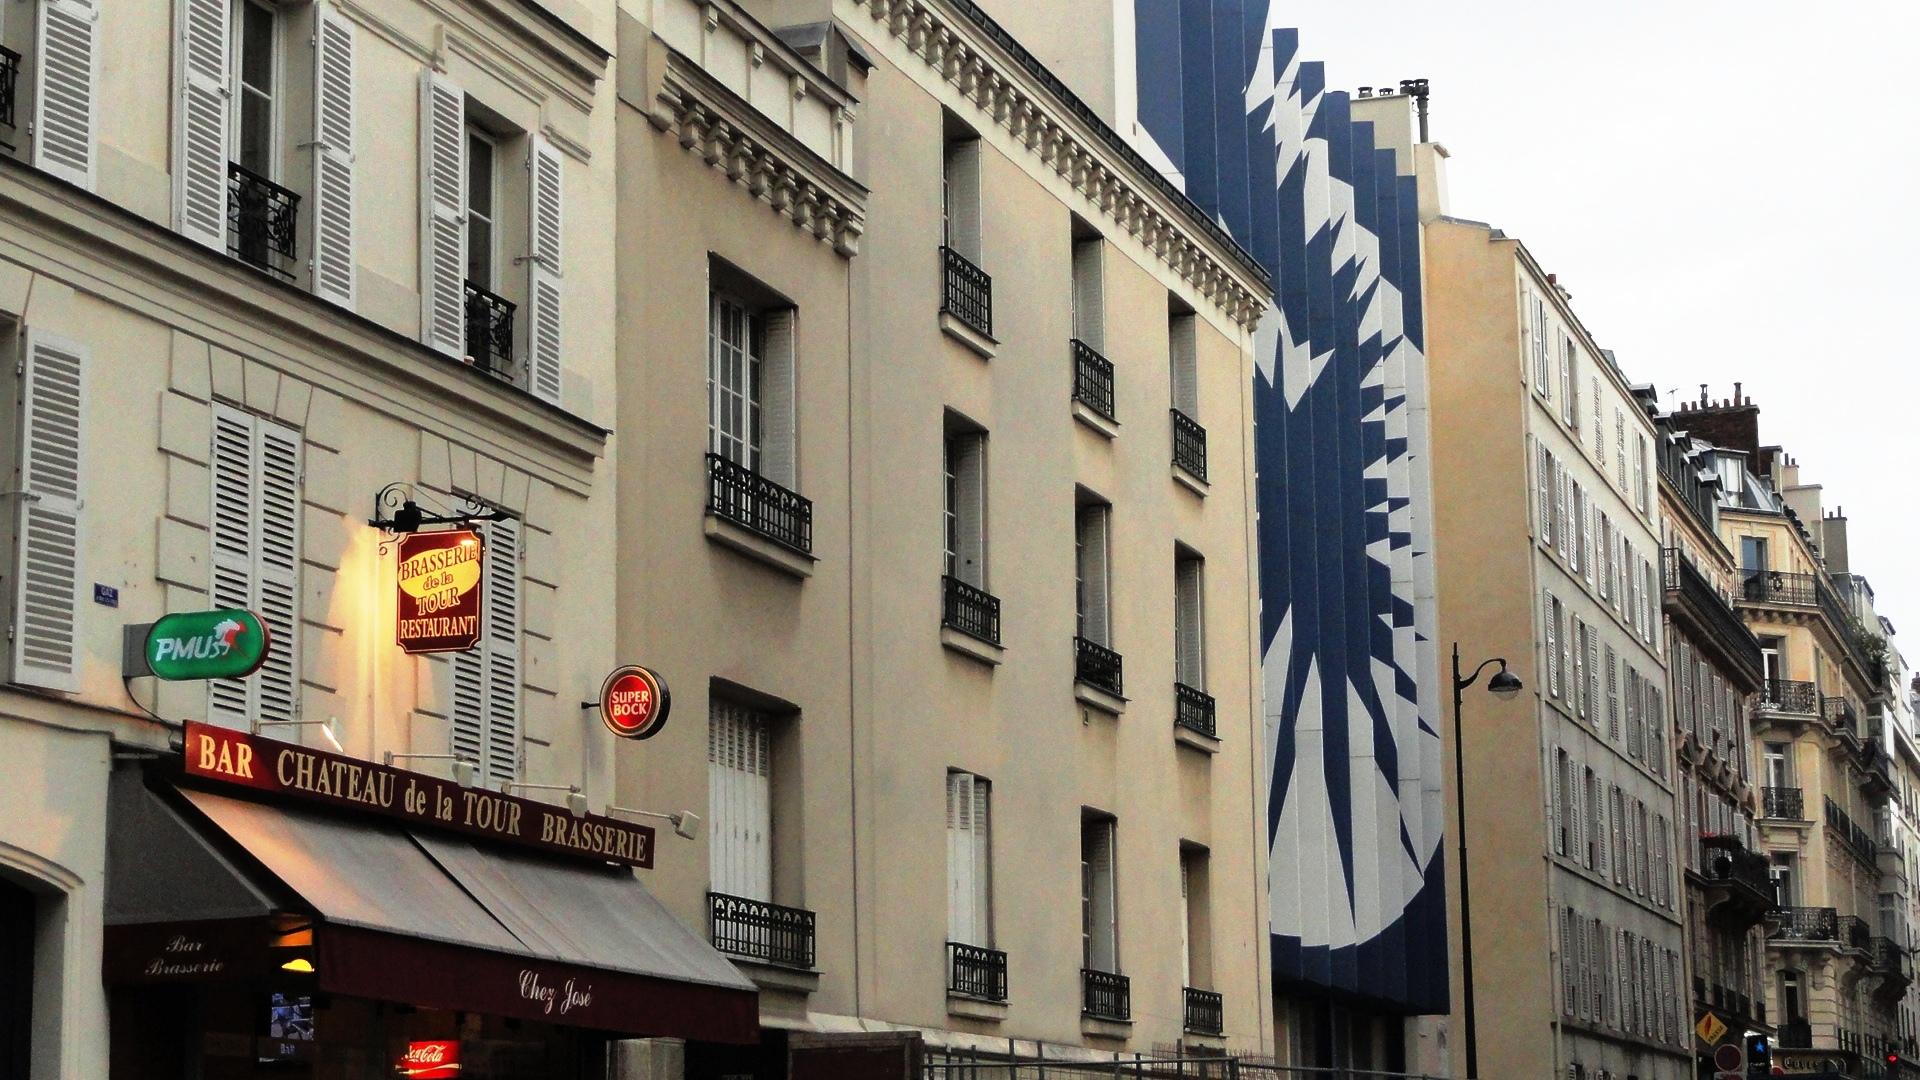 Rue de la Tour, Paris 16e